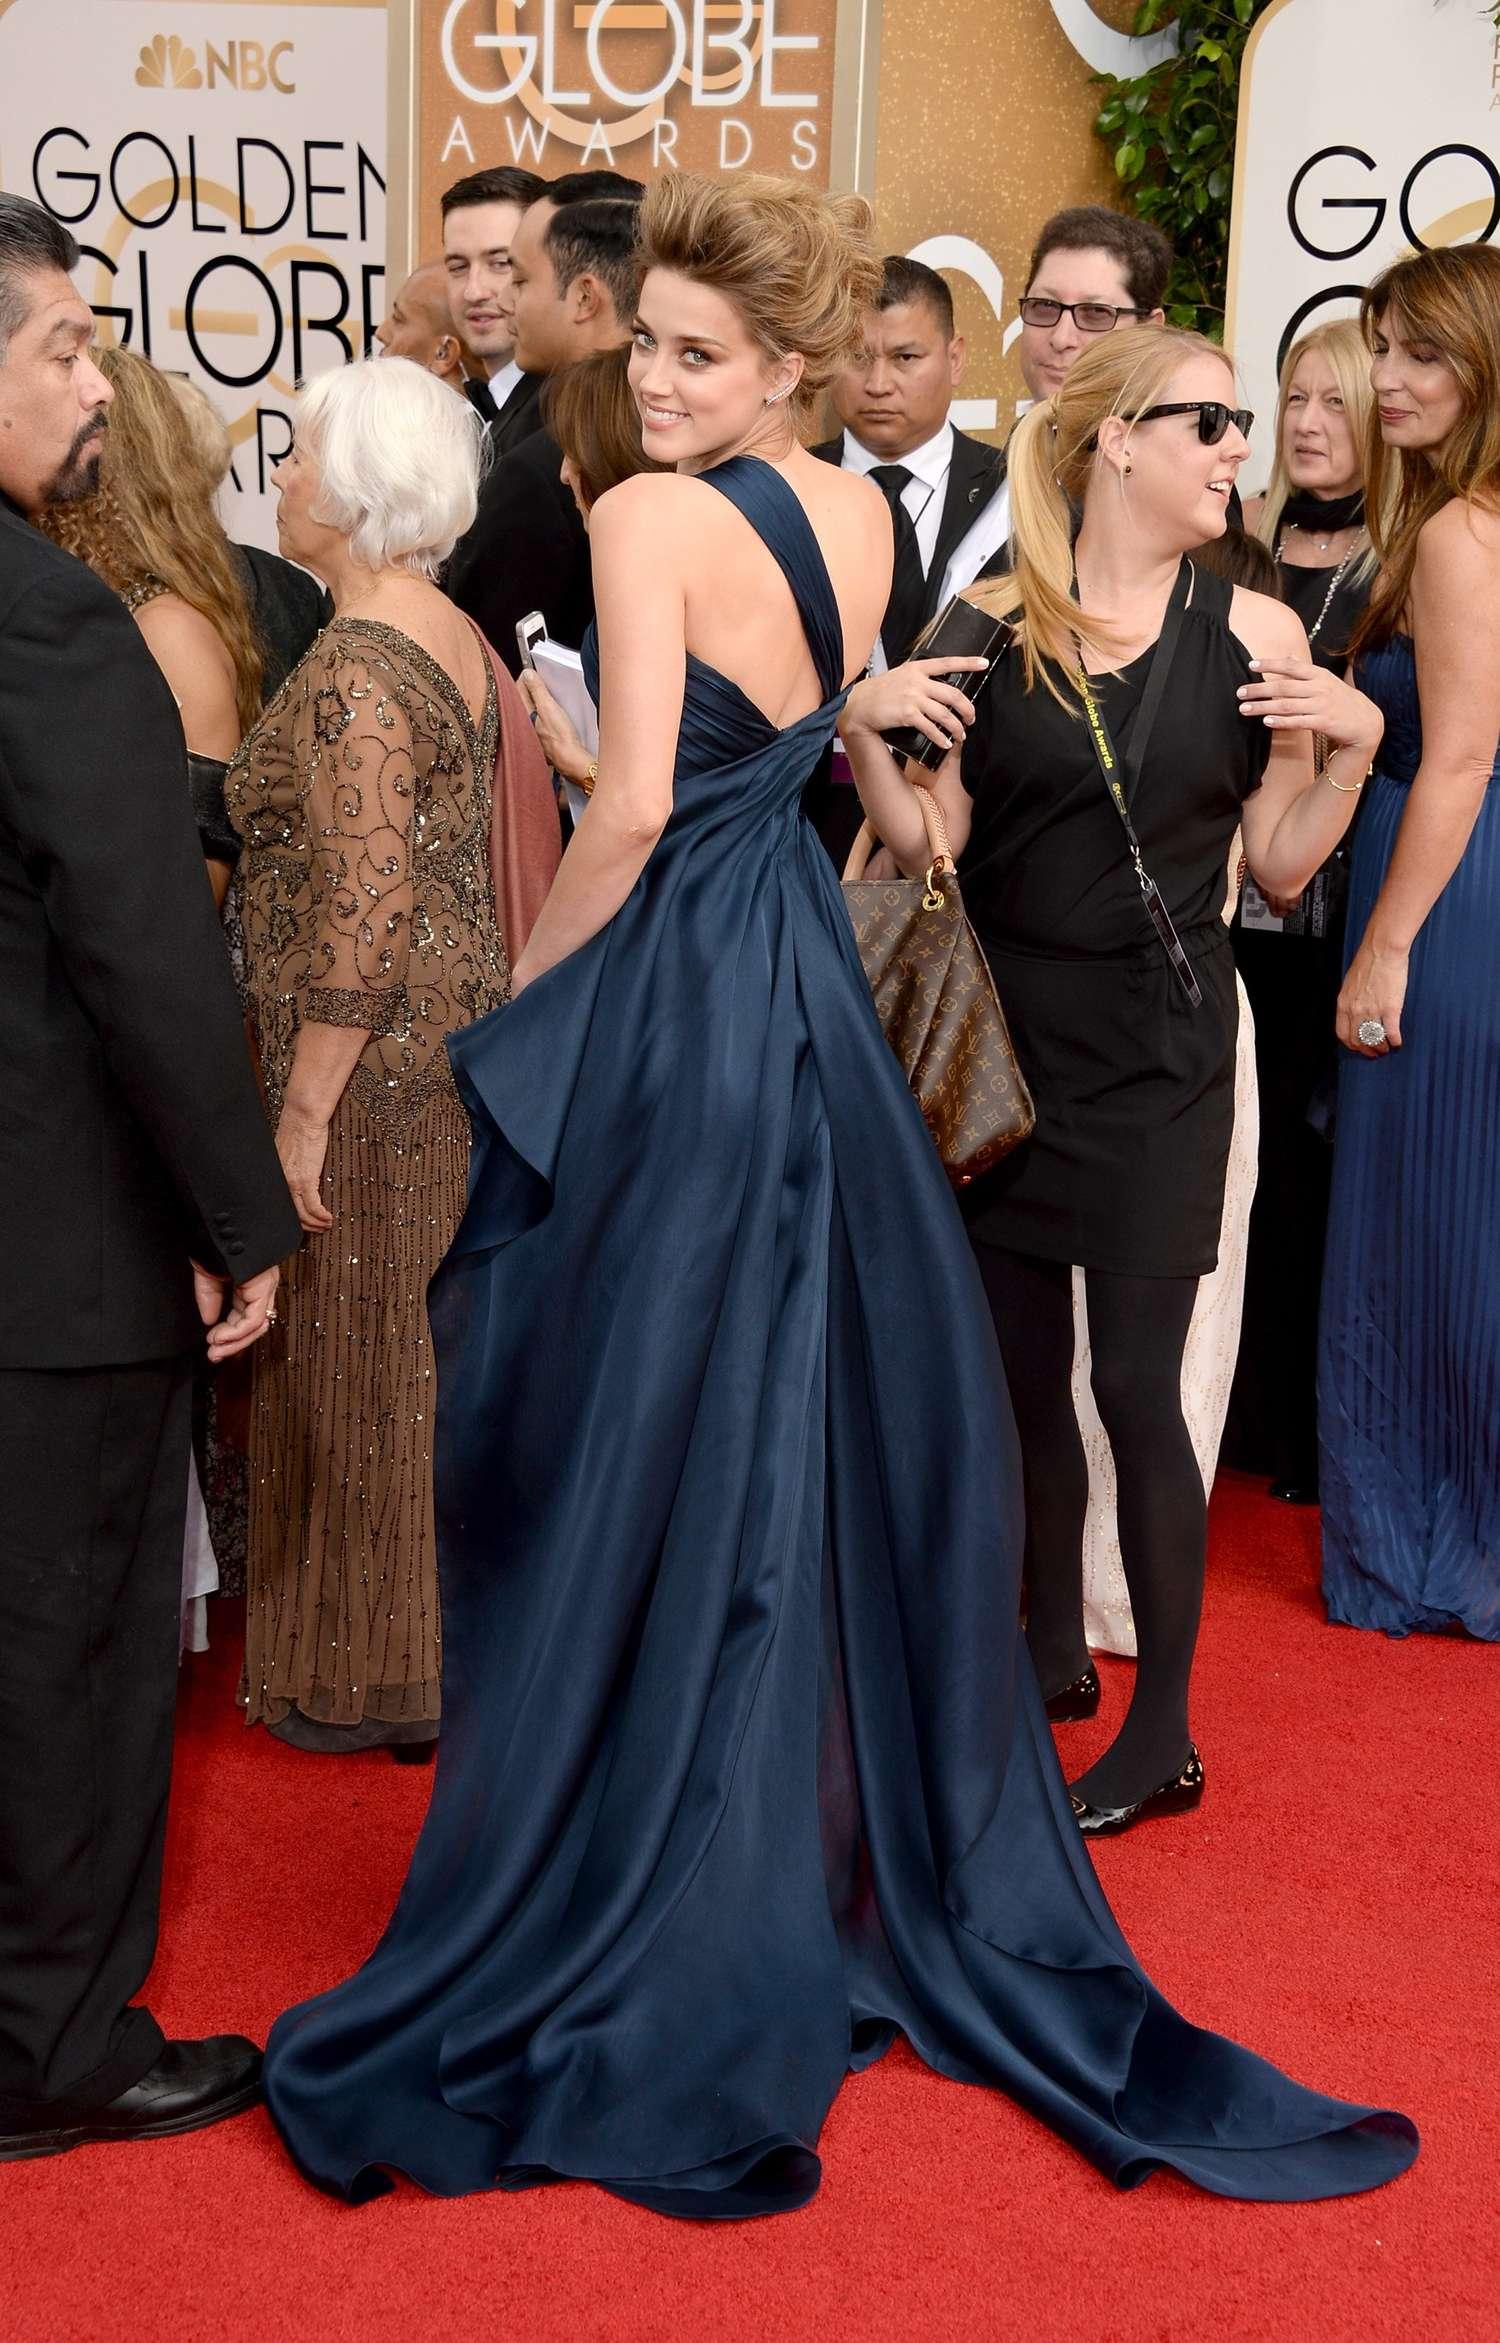 Amber Heard 2014 : Amber Heard: Golden Globe 2014 Awards -11